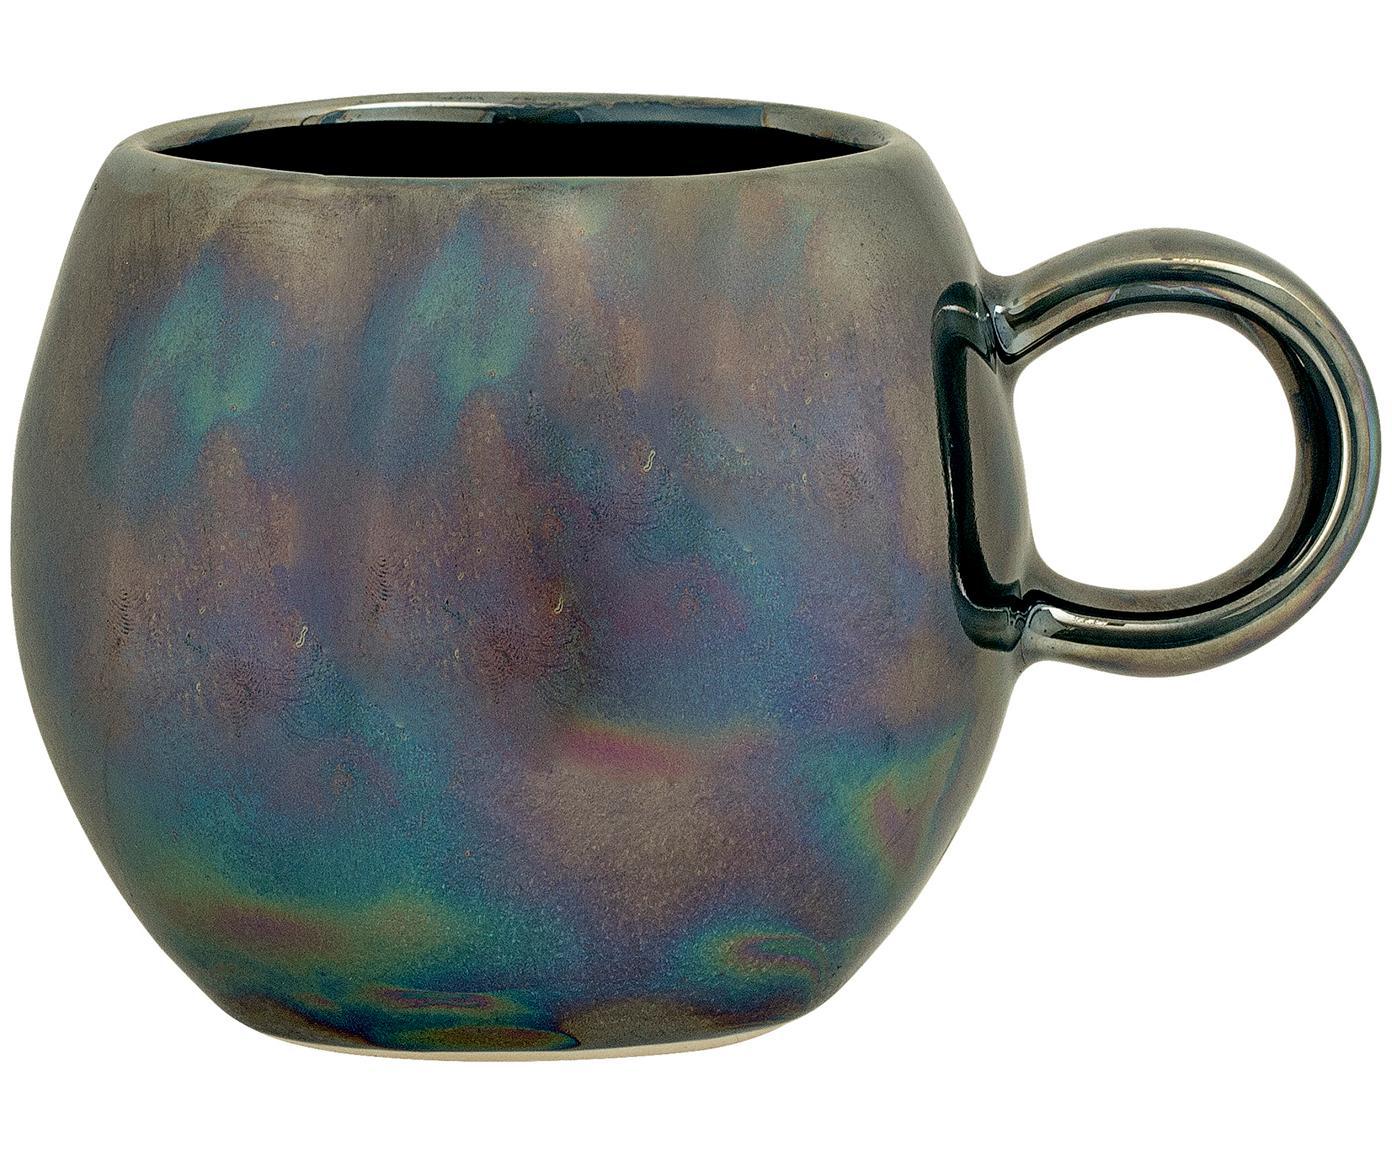 Mok Paula, Keramiek, Blauwtinten, groen, Ø 9 x H 8 cm